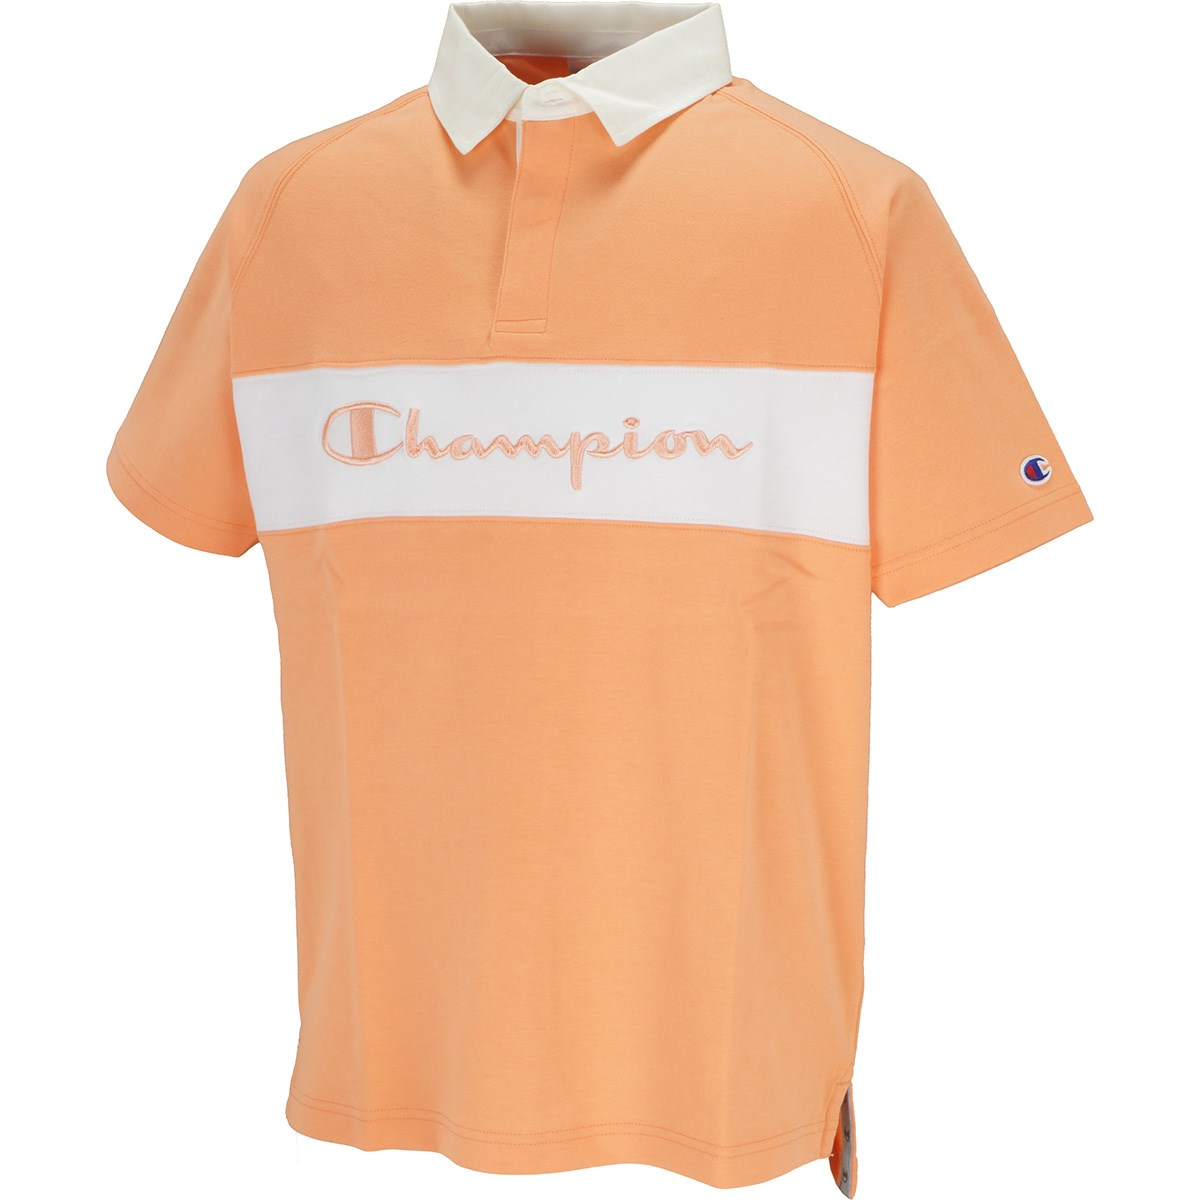 チャンピオンゴルフ Champion GOLF ポンチ 半袖ポロシャツ M オレンジ 840